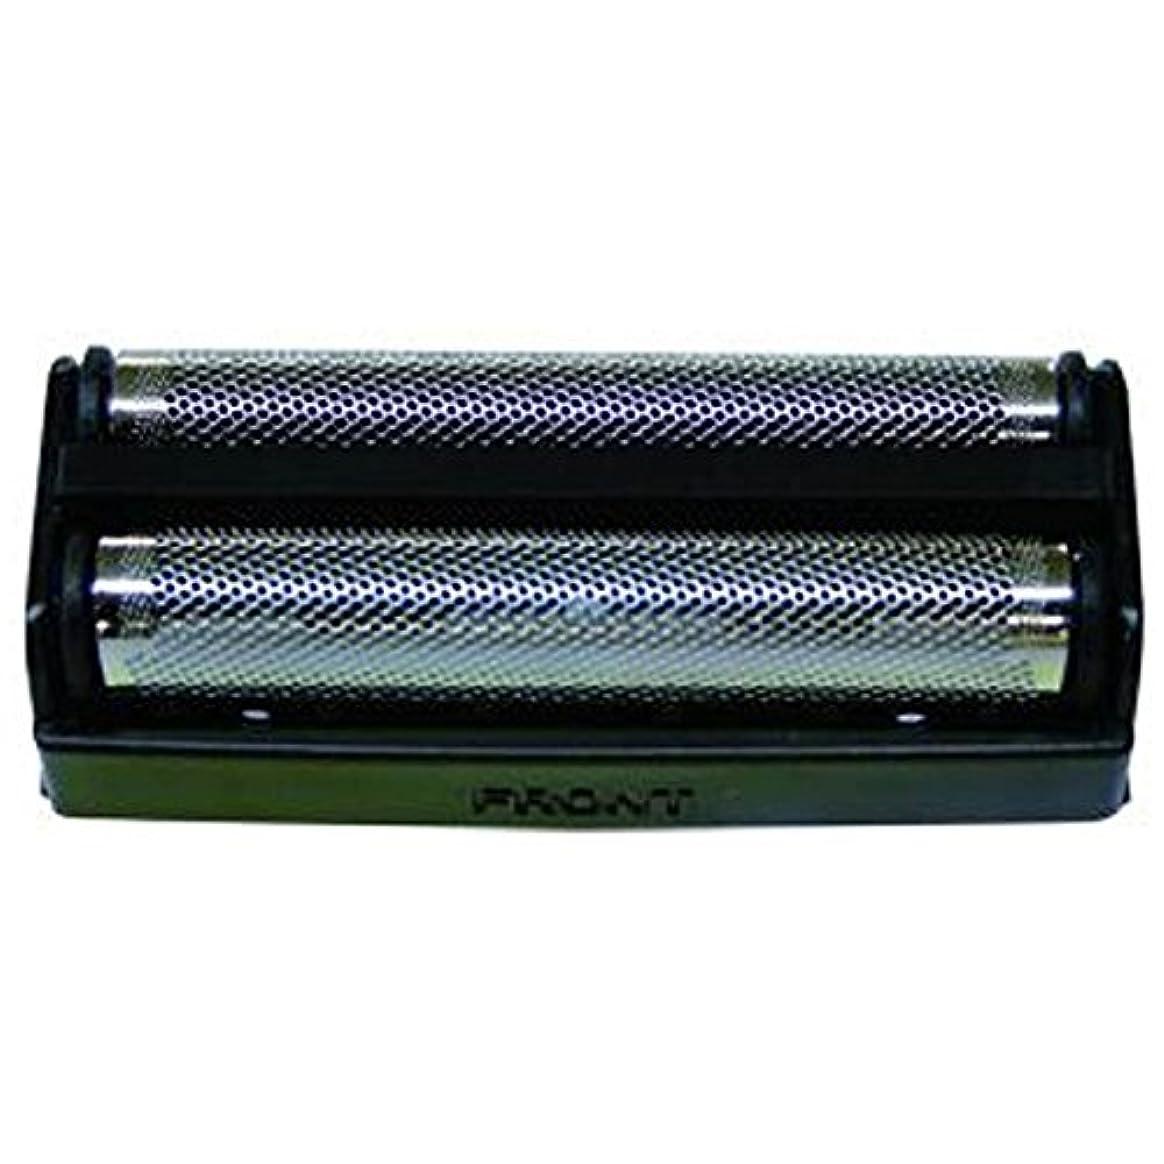 製品フィールドによるとイズミ 交換用替刃(外刃)IZUMI SO-V517